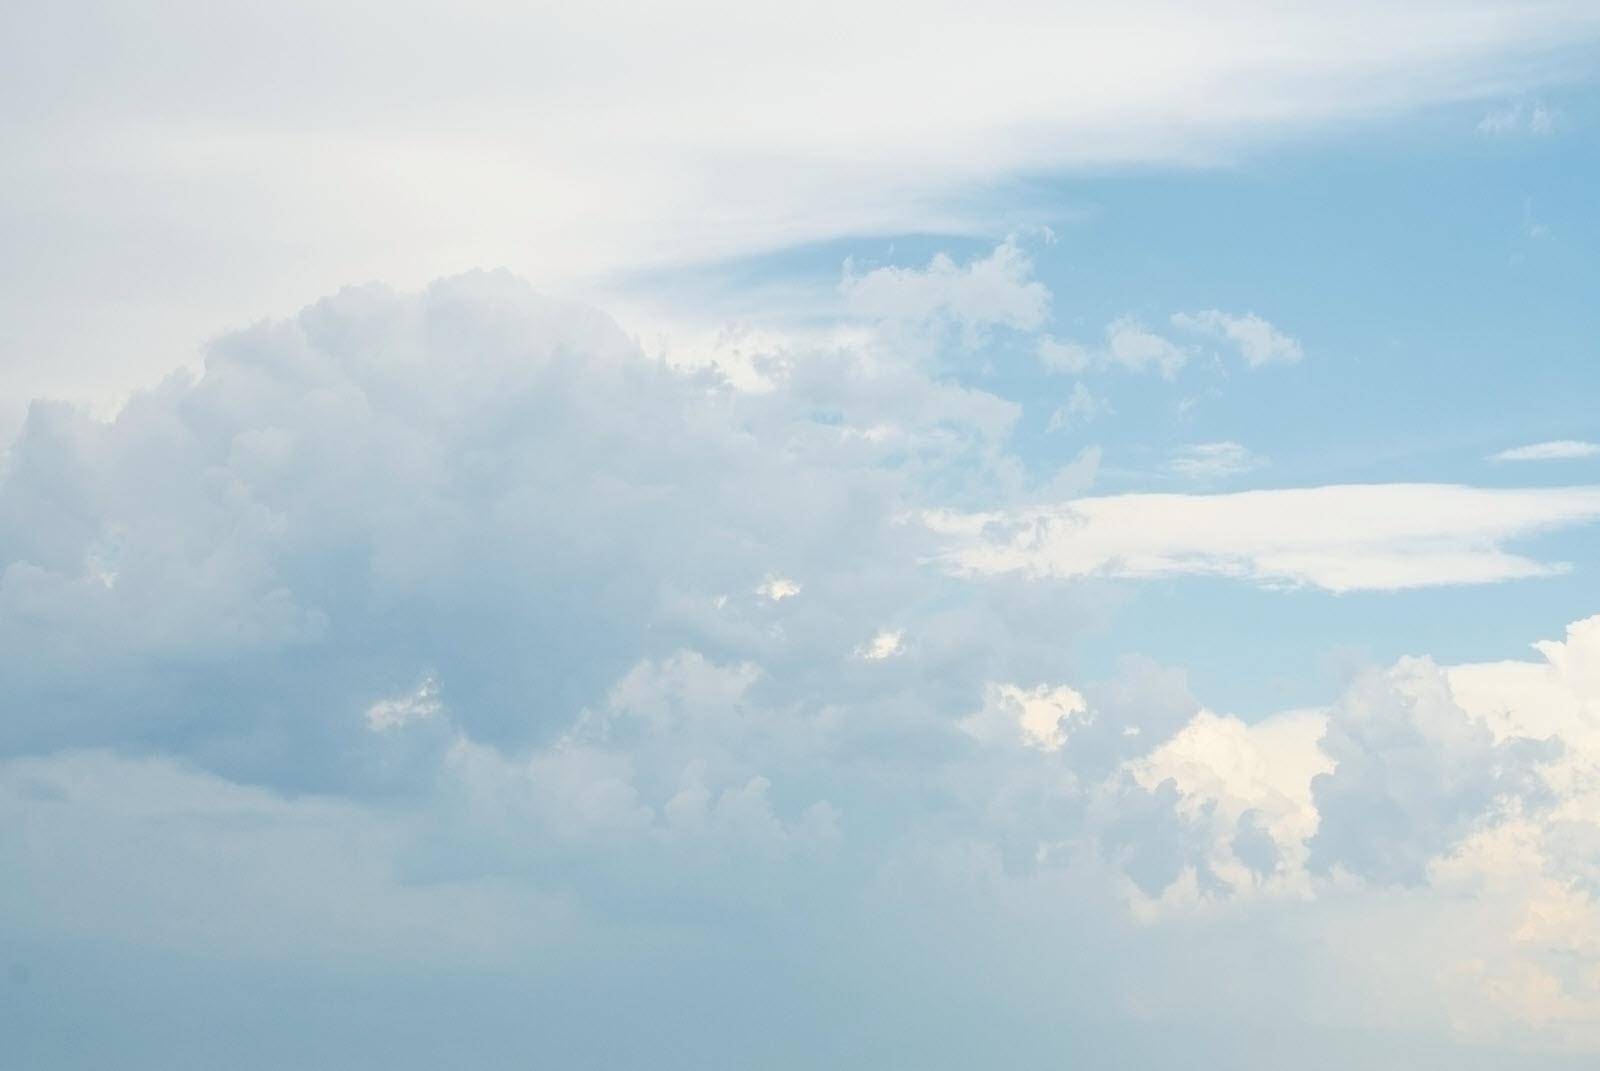 Hình nền background mây trắng đẹp